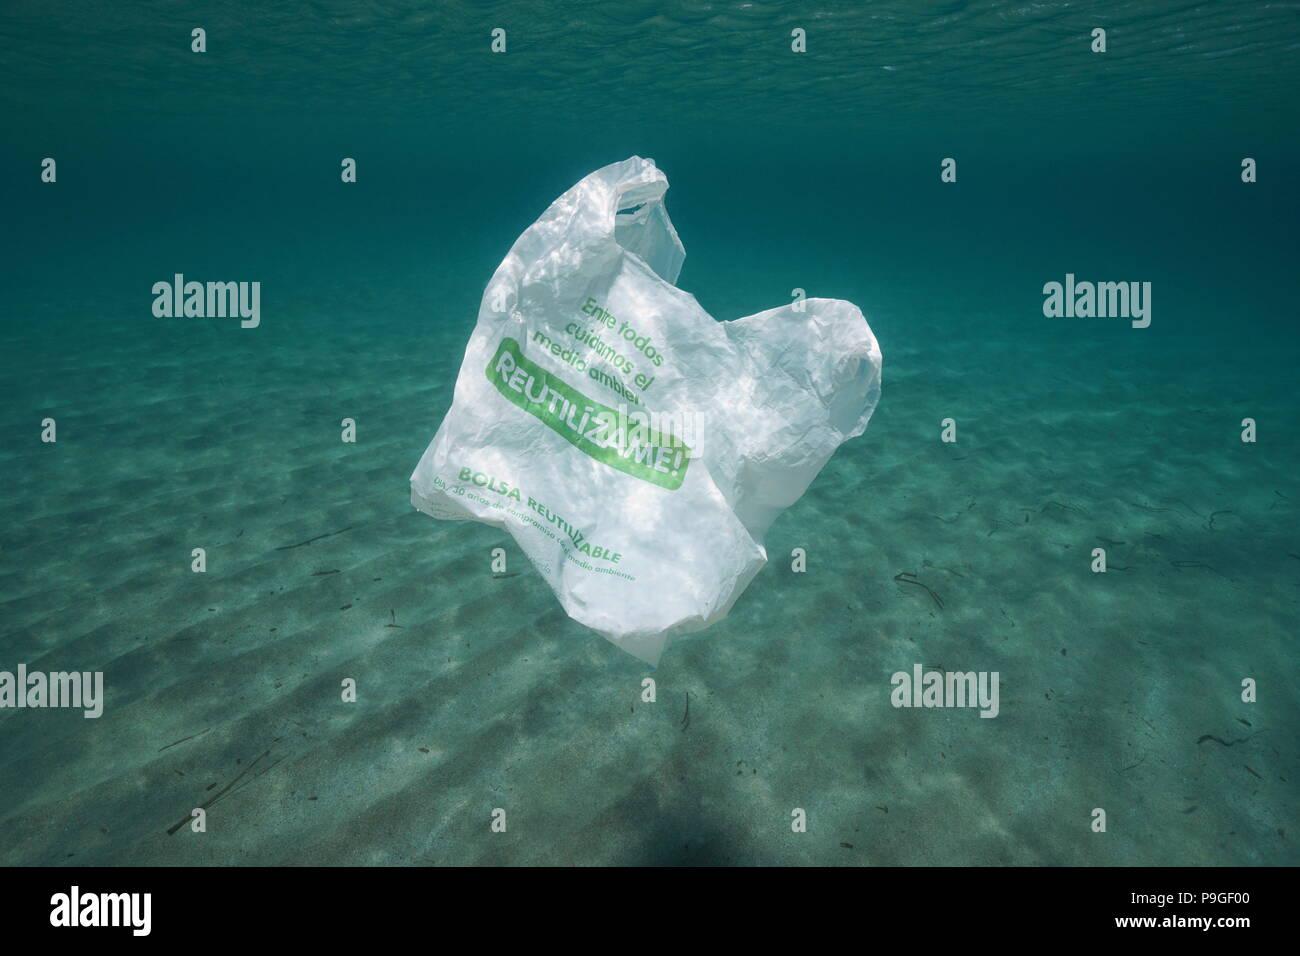 Contaminación plástica subacuática, una bolsa de plástico reutilizable a la deriva en el mar Mediterráneo, Almería, Andalucía, España Imagen De Stock